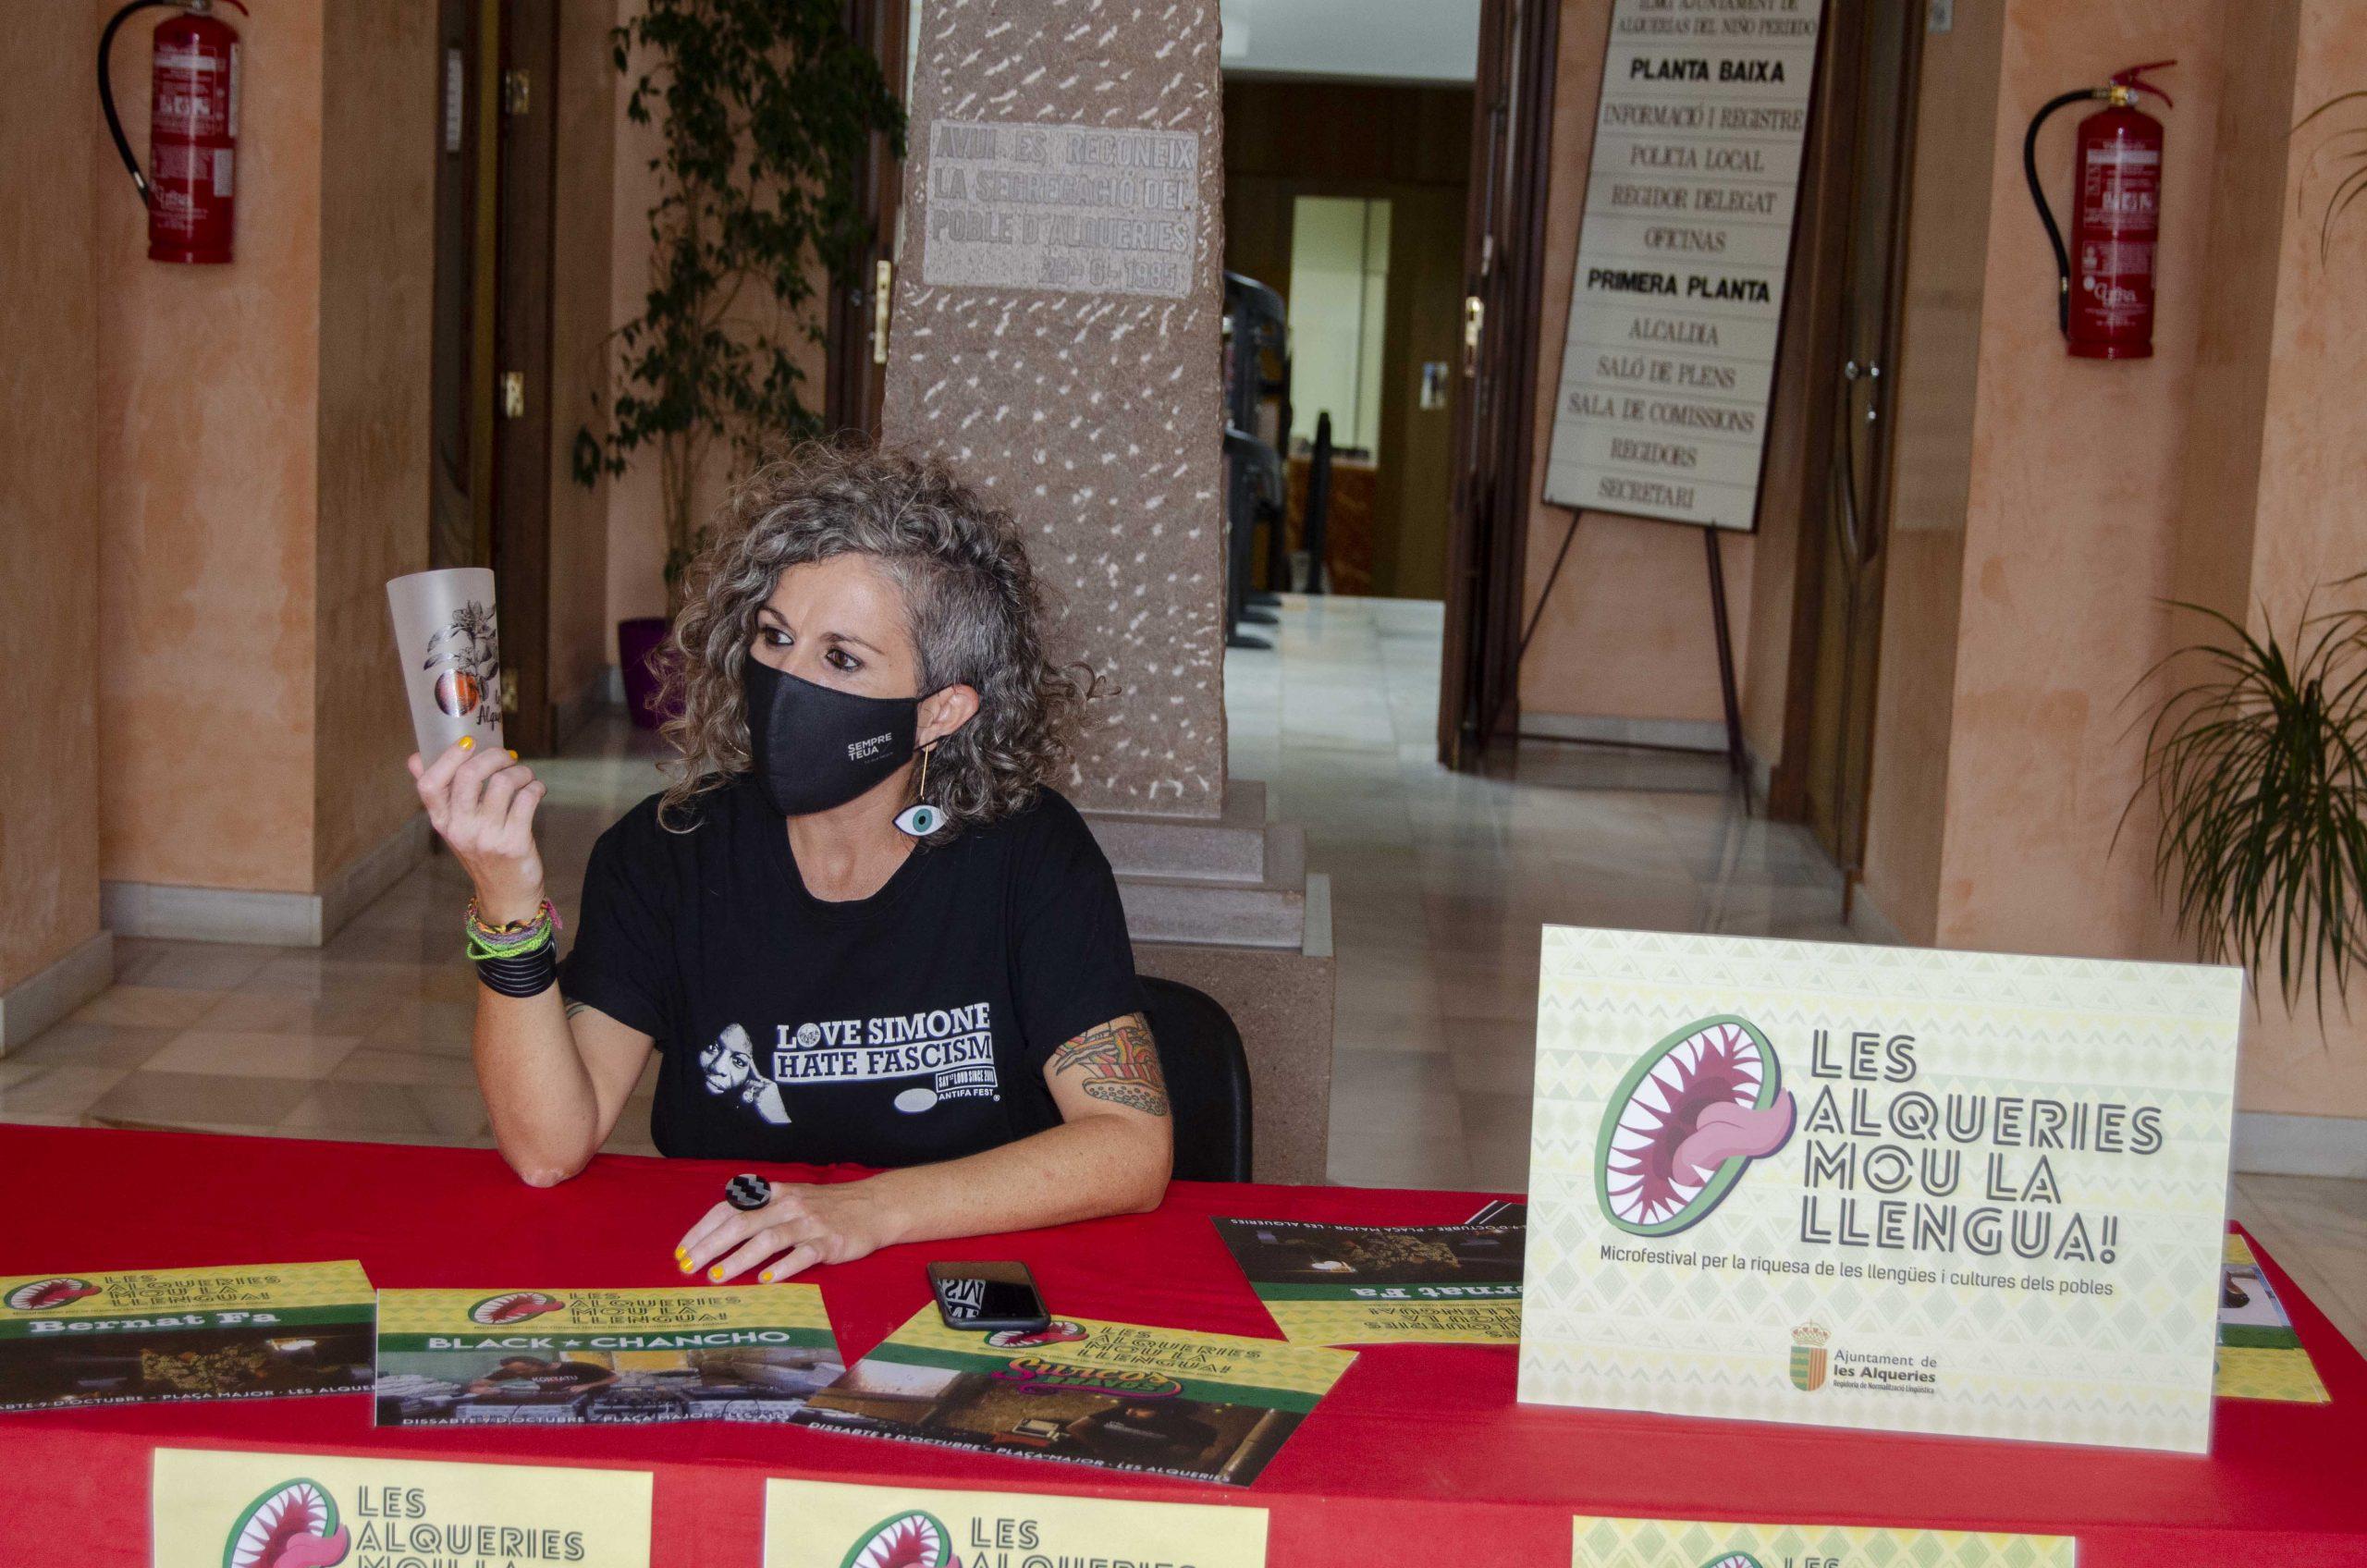 El Ayuntamiento presenta el microfestival 'Les Alqueries mou la llengua' con Tito Pontet y Blackfang